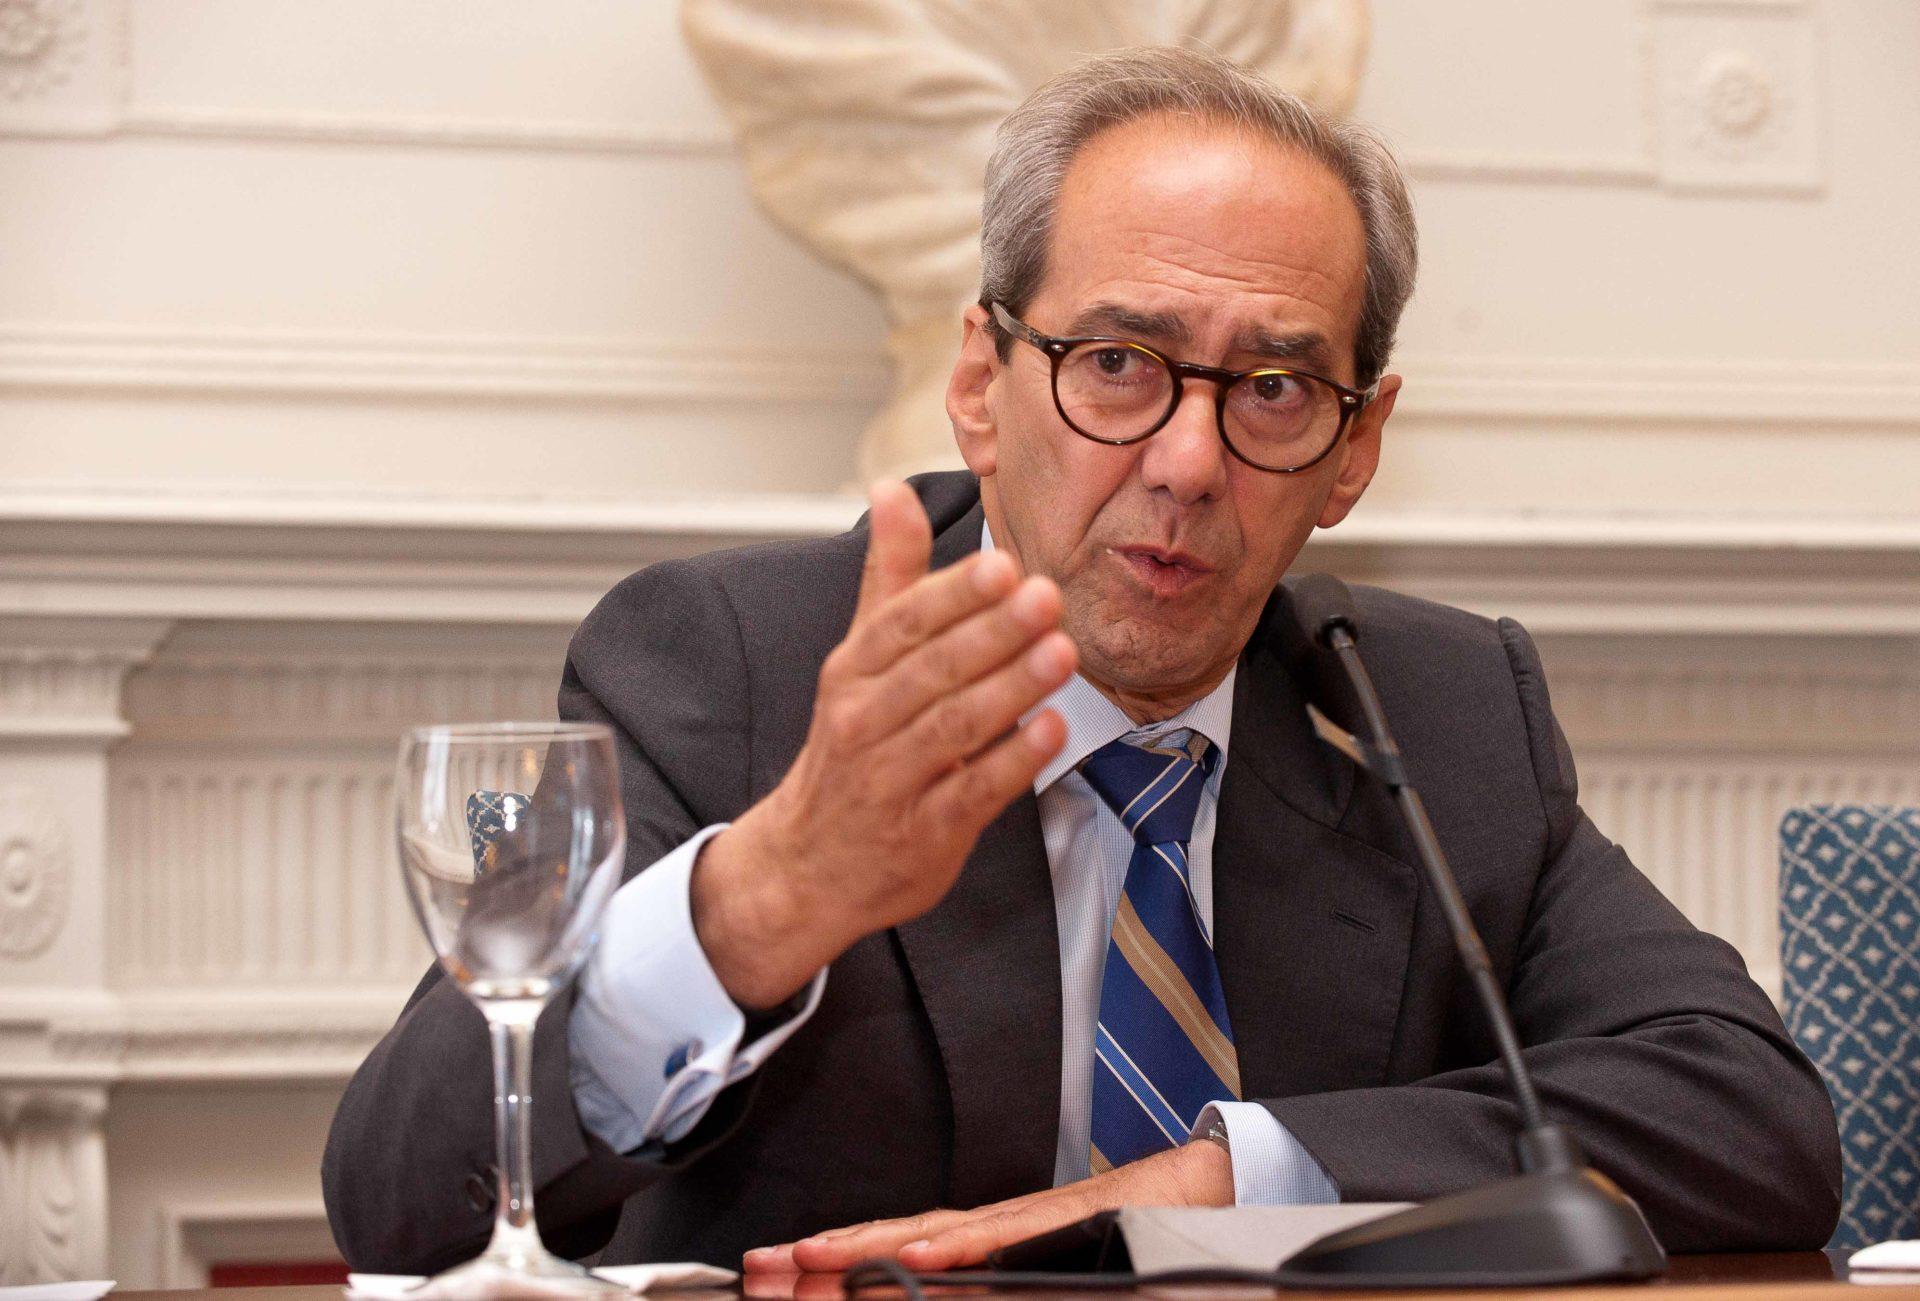 José Manuel González-Páramo, consejero ejecutivo de BBVA, en el curso UIMP/APIE en Santander